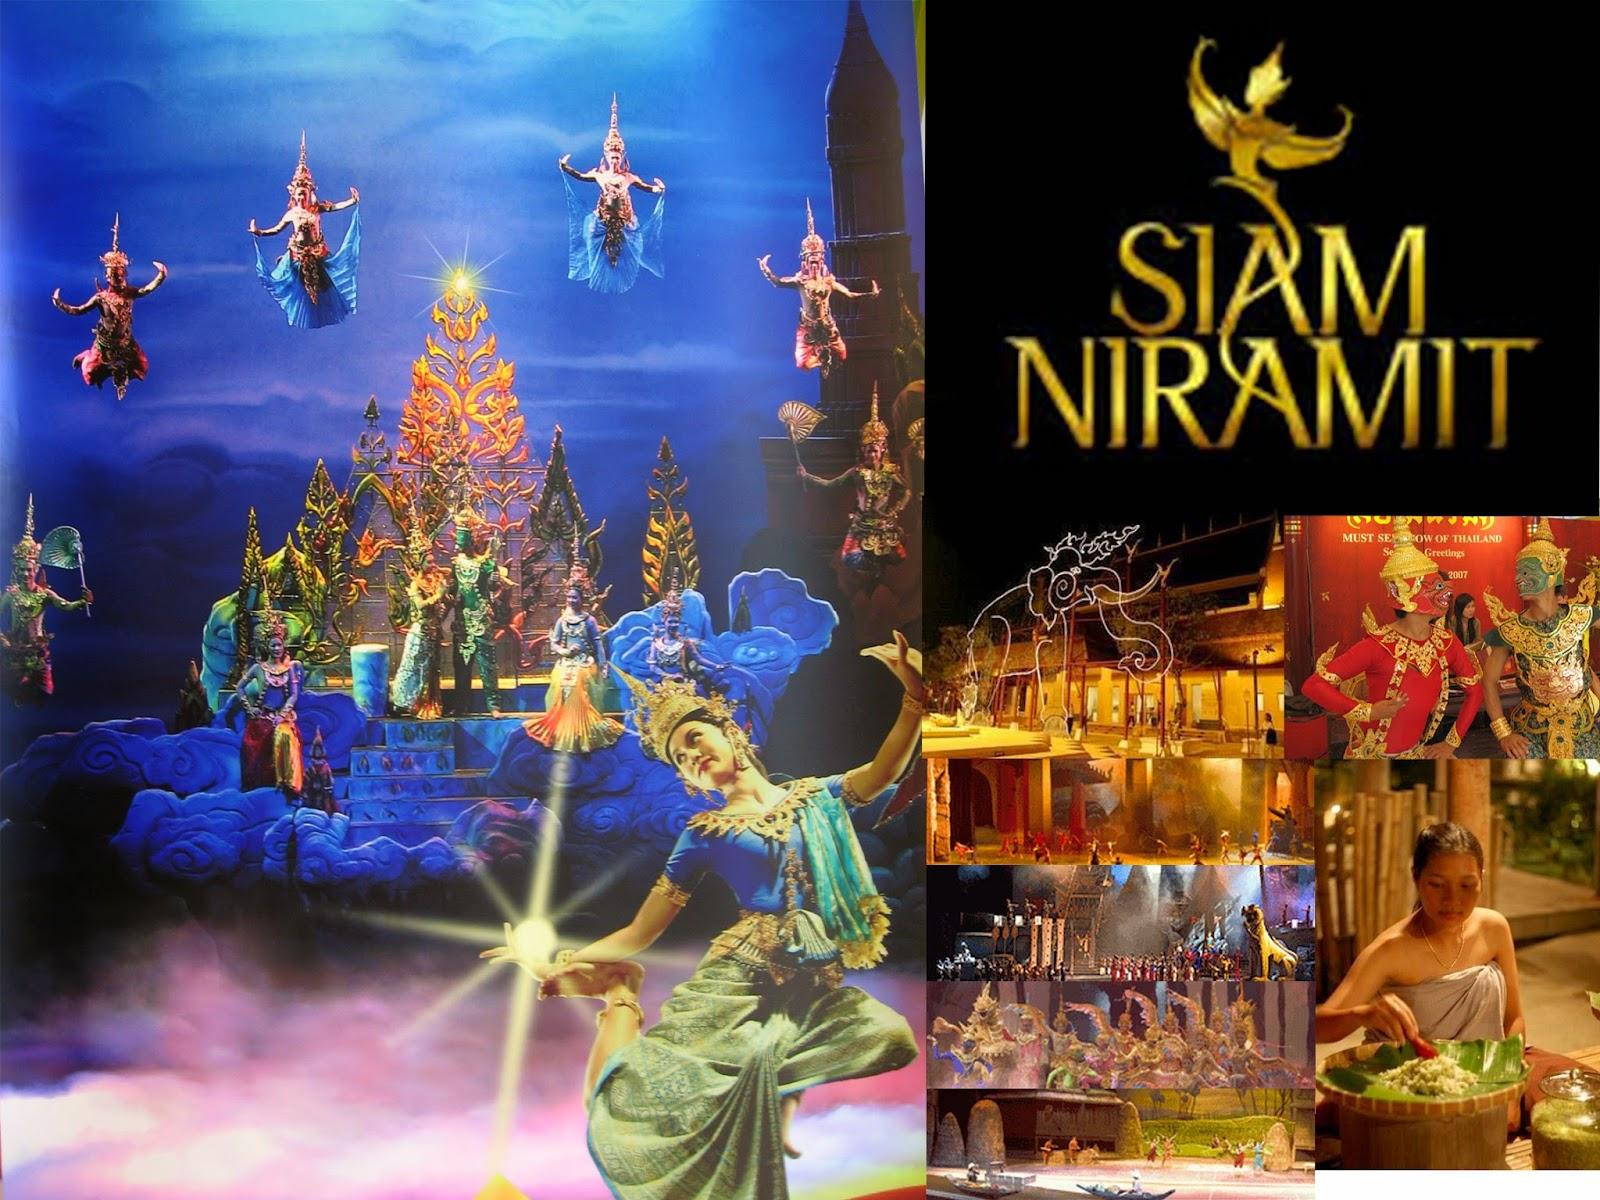 استعراض سيام نيراميت في بانكوك